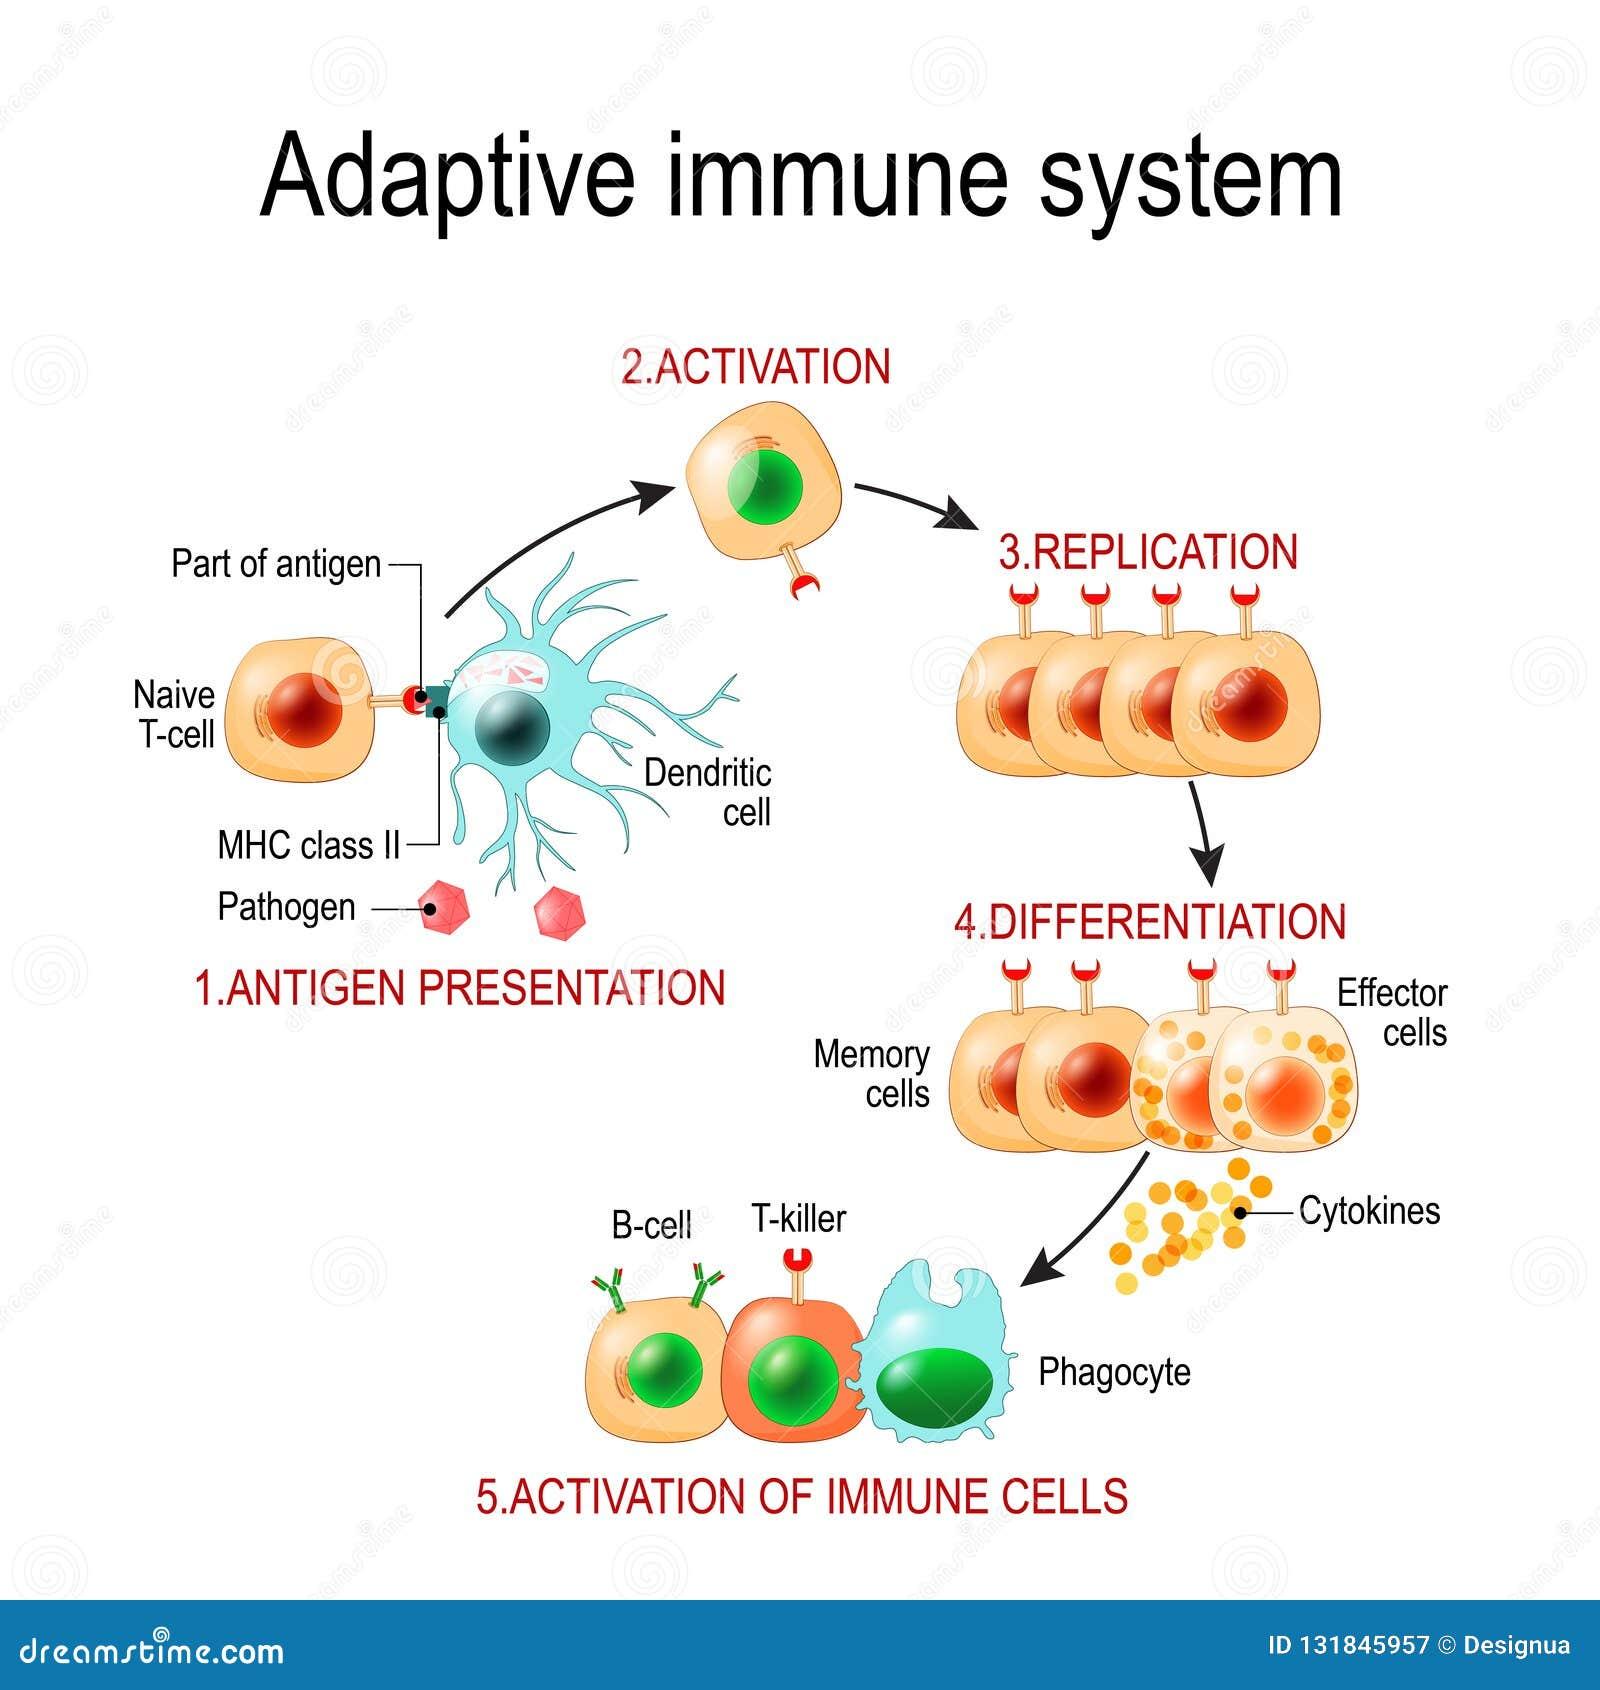 Sistema inmune adaptante de la presentación de antígeno a la activación o